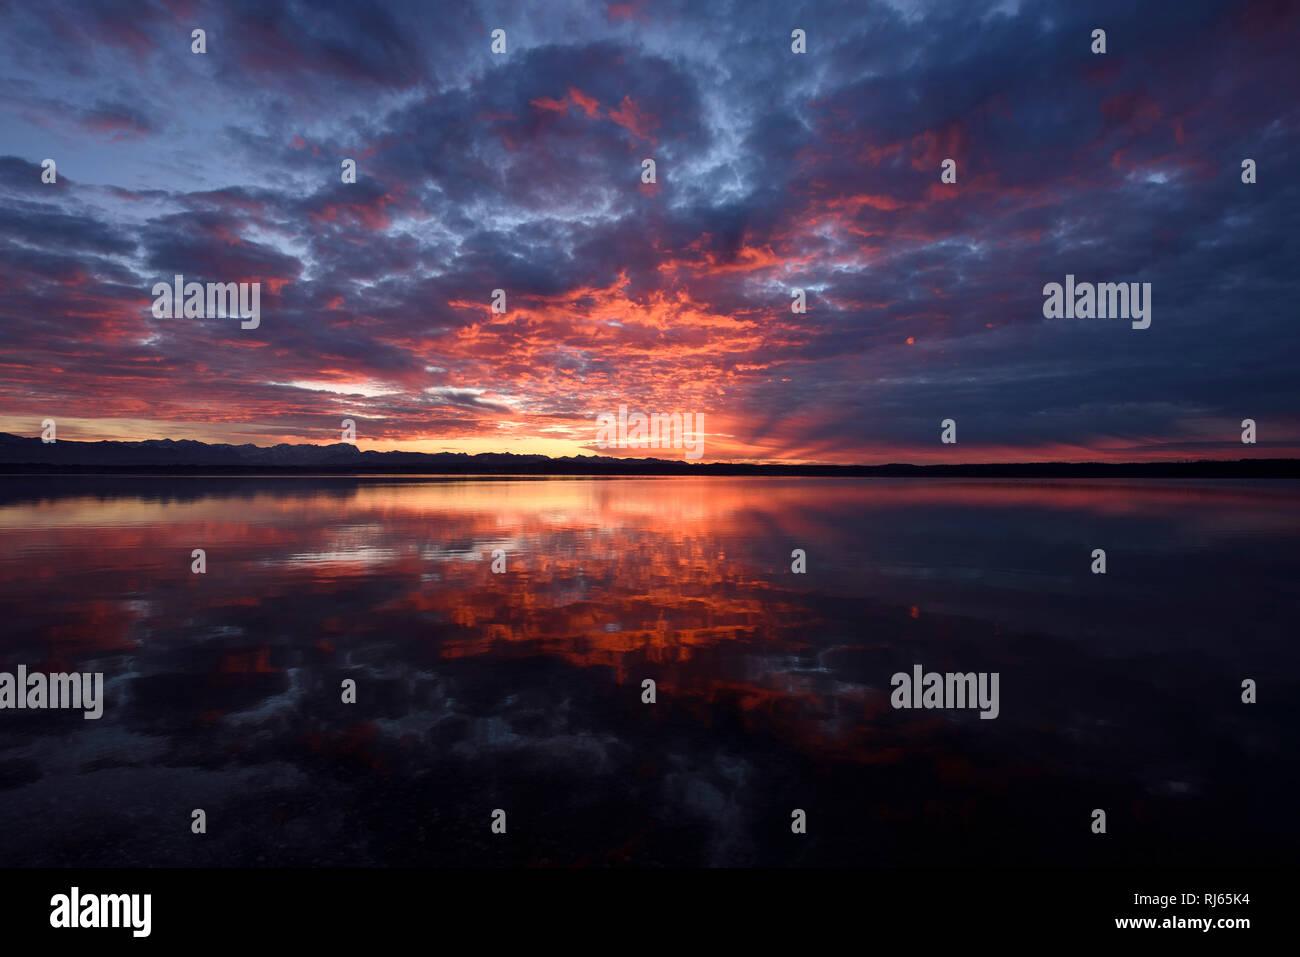 Deutschland, Bayern, Münsing, Starnberger See, Sonnenuntergang, Farben, Spiegelung Immagini Stock